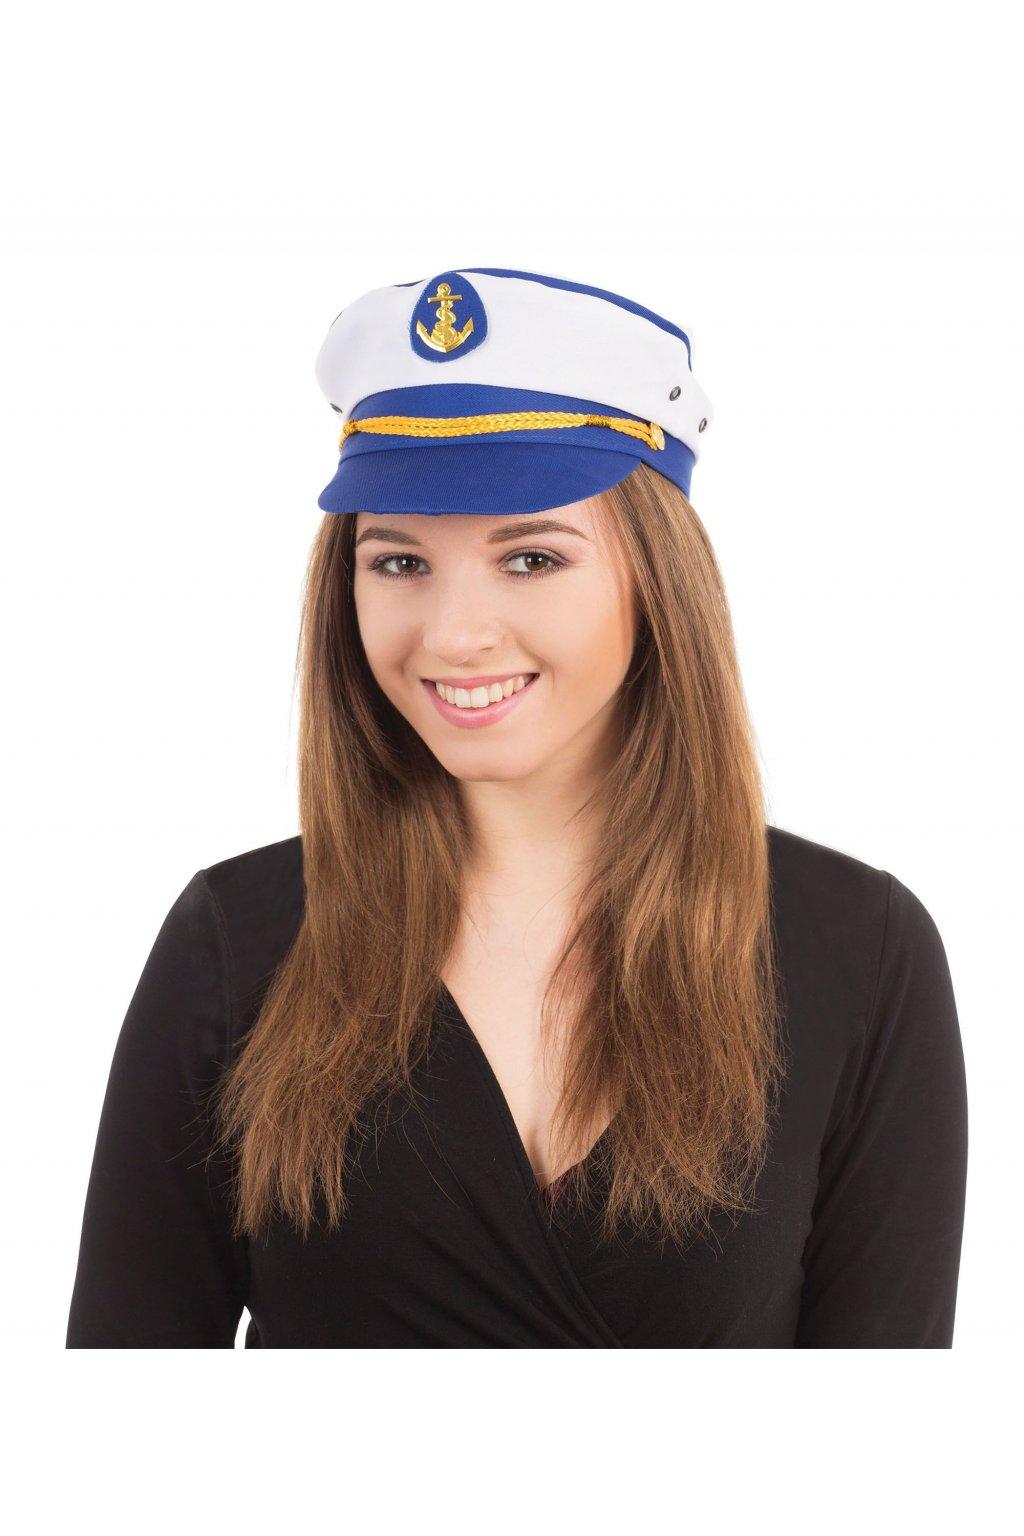 Čepice kapitán - námořnická čepice s kotvou